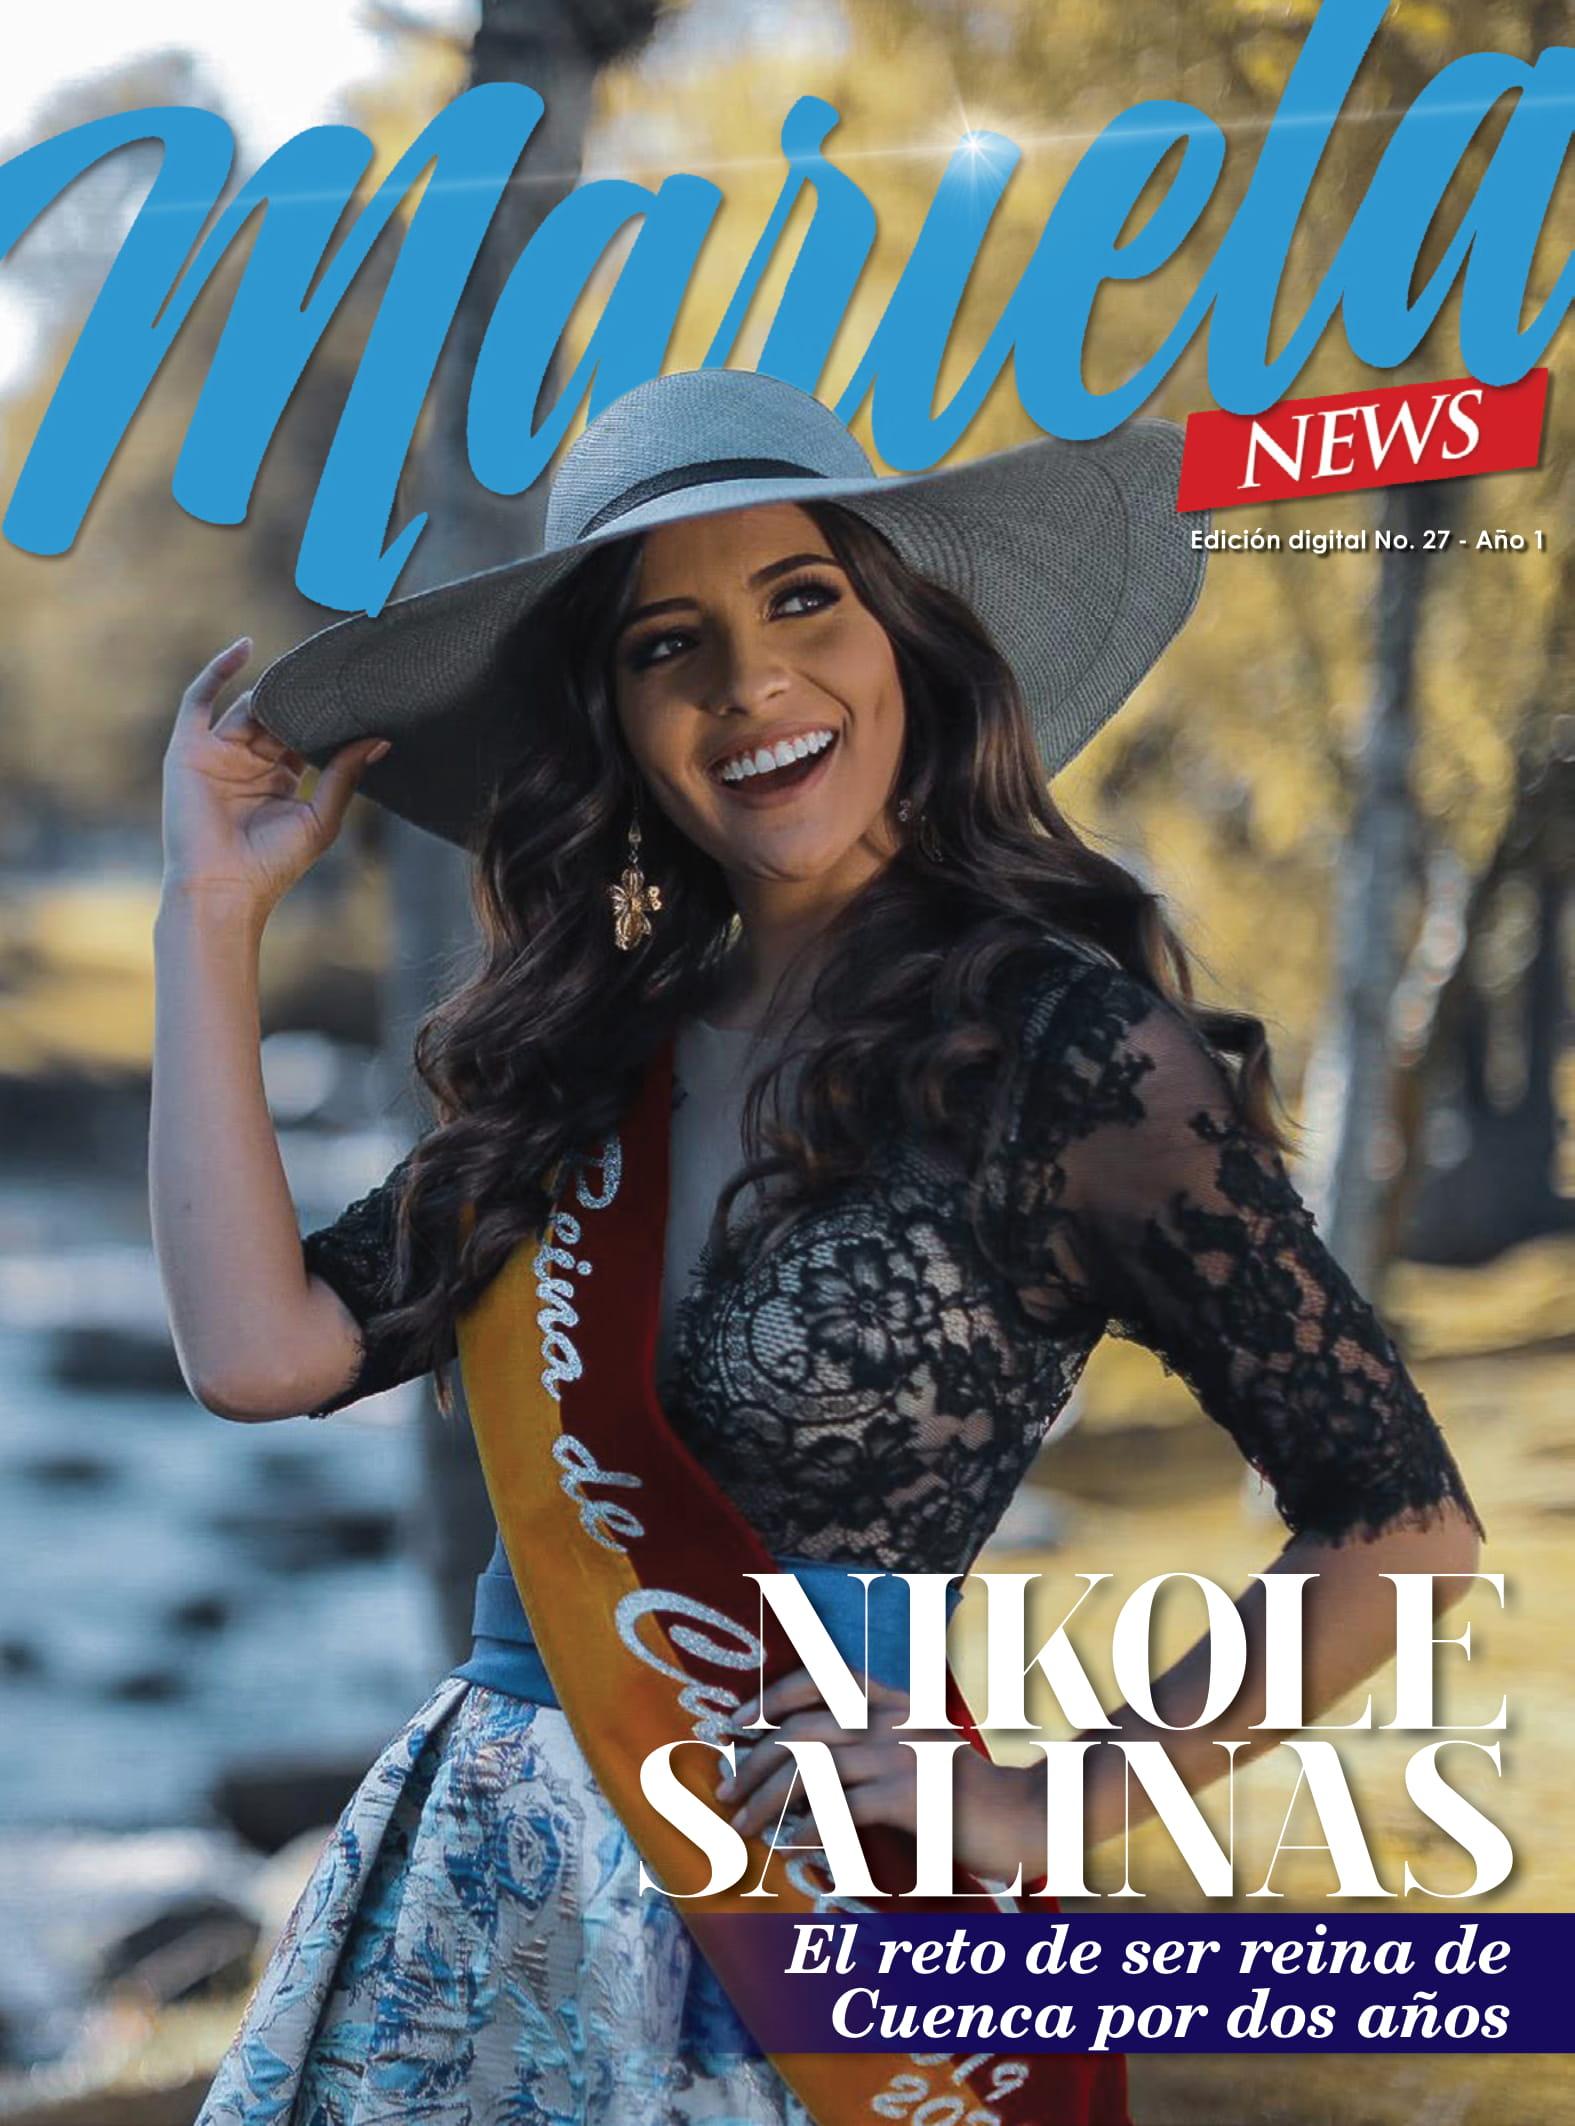 Revista Mariela News 27